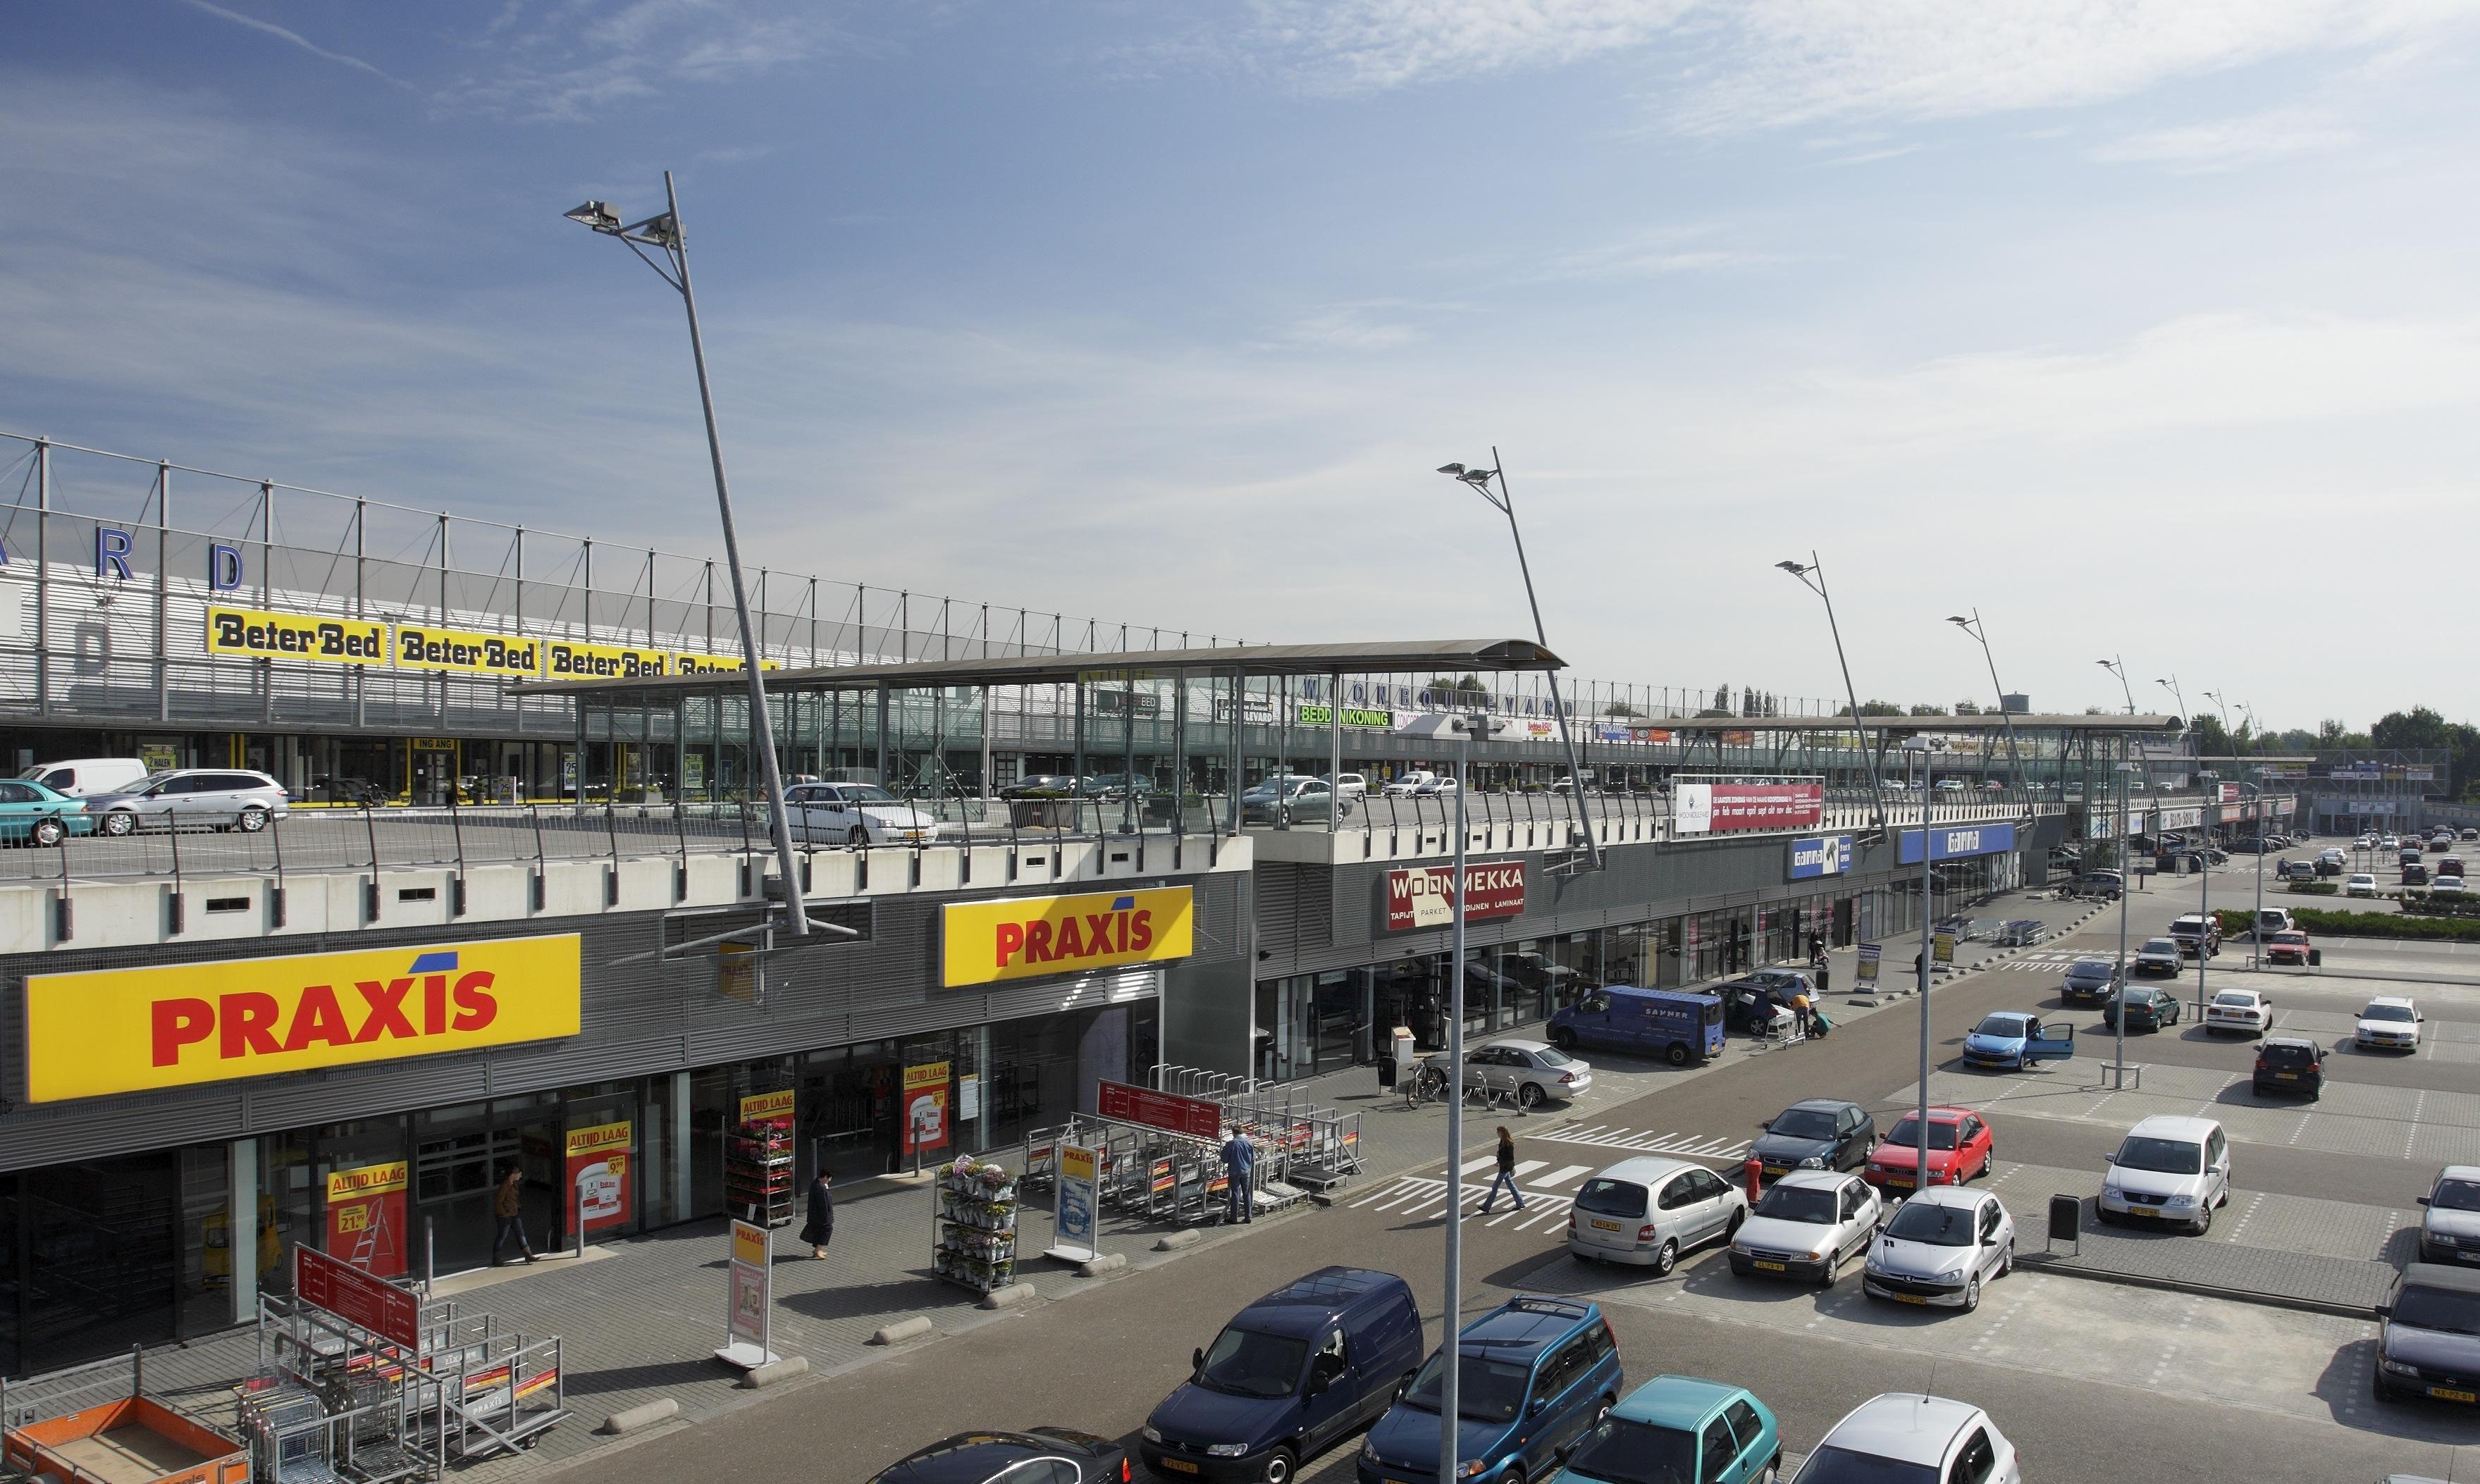 De woonboulevard heerlen is de grootste woonboulevard van europa